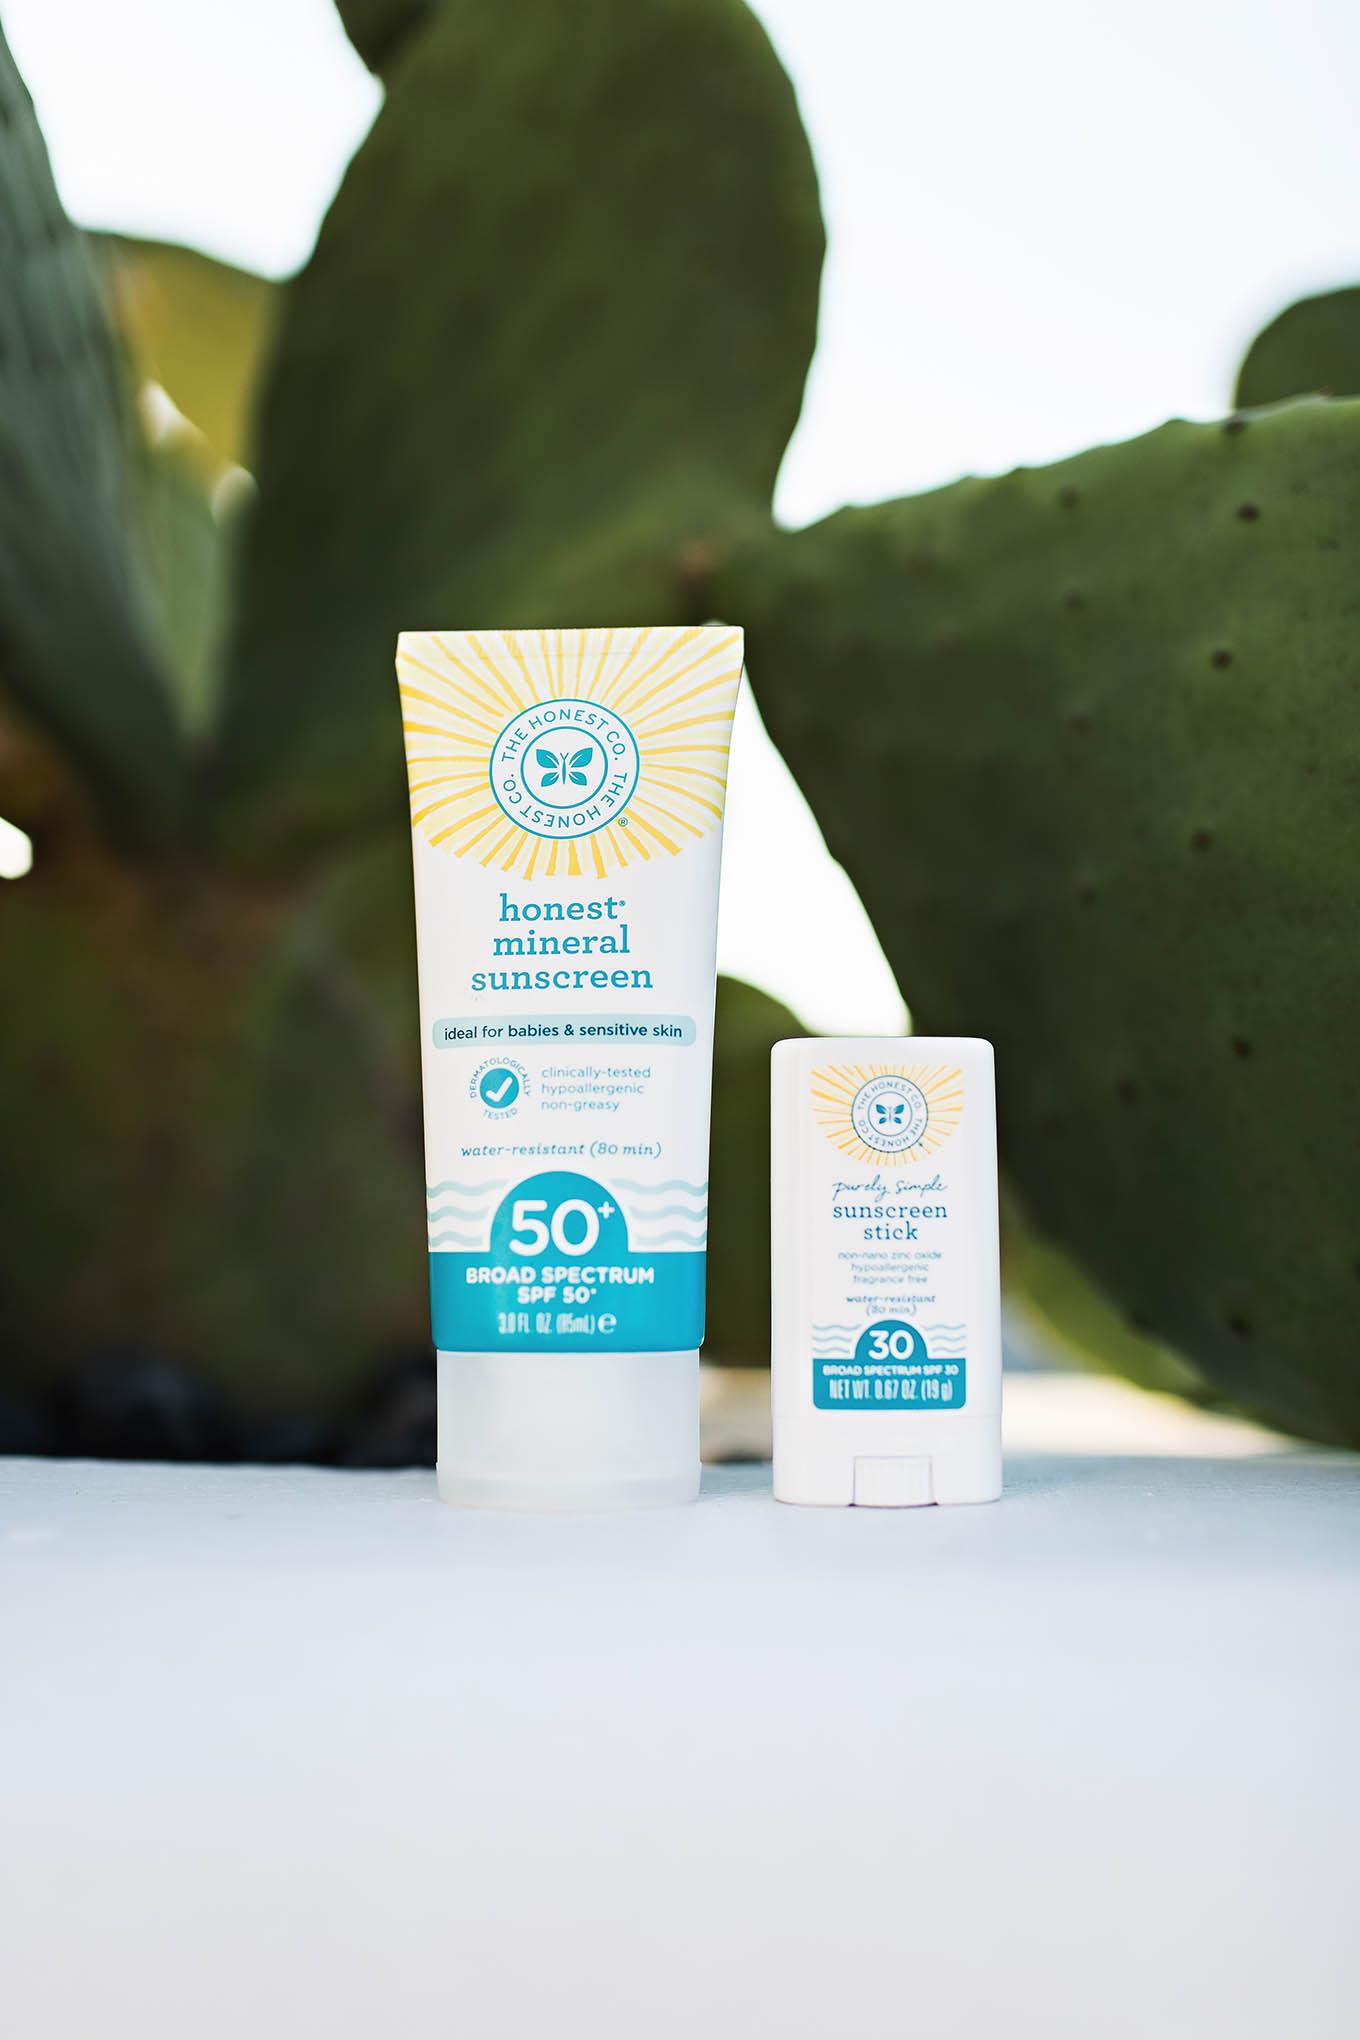 honest sunscreen